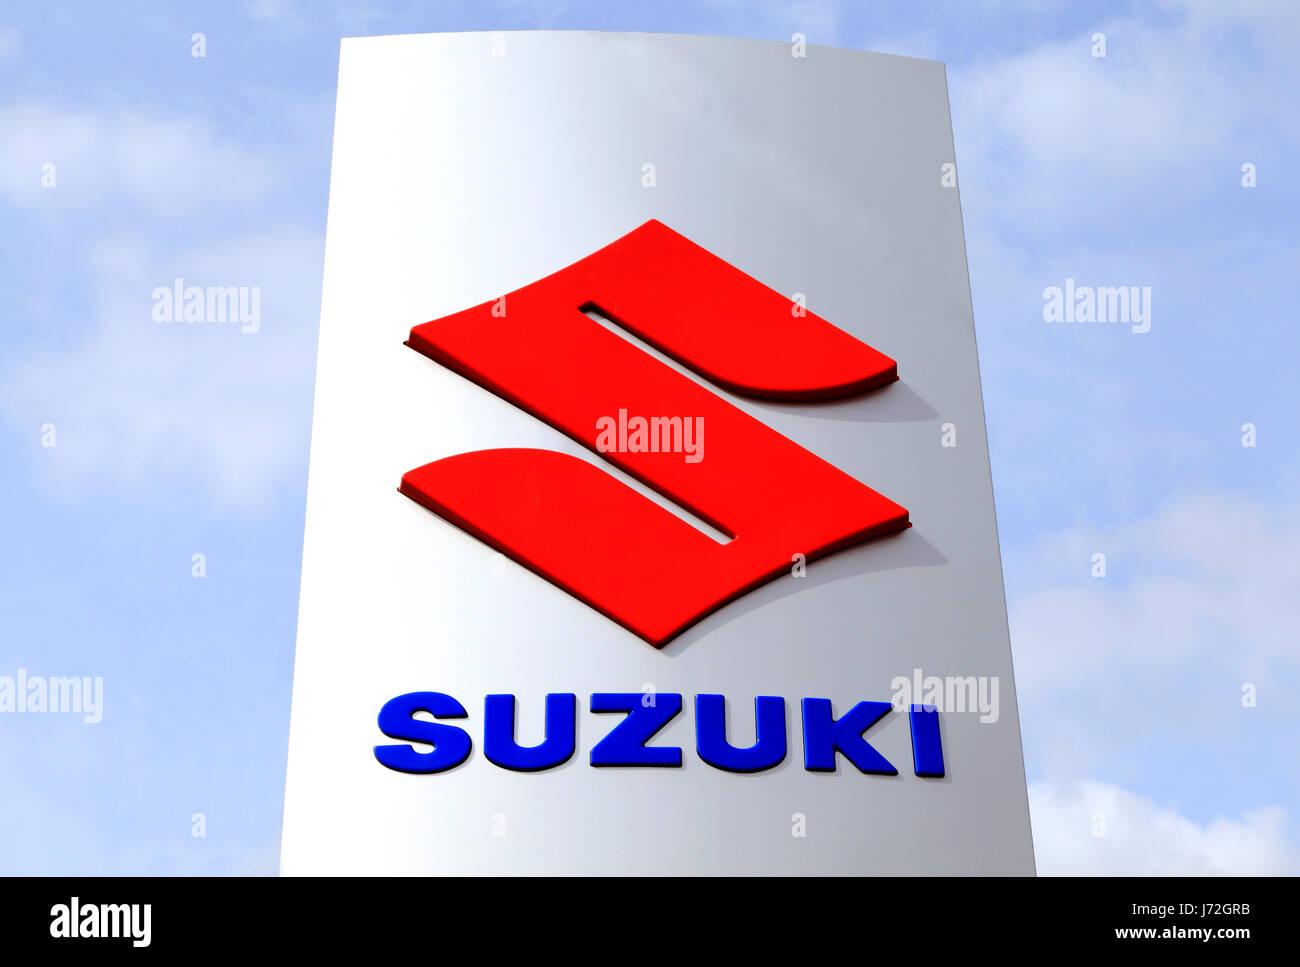 Suzuki Car Dealer Indianapolis